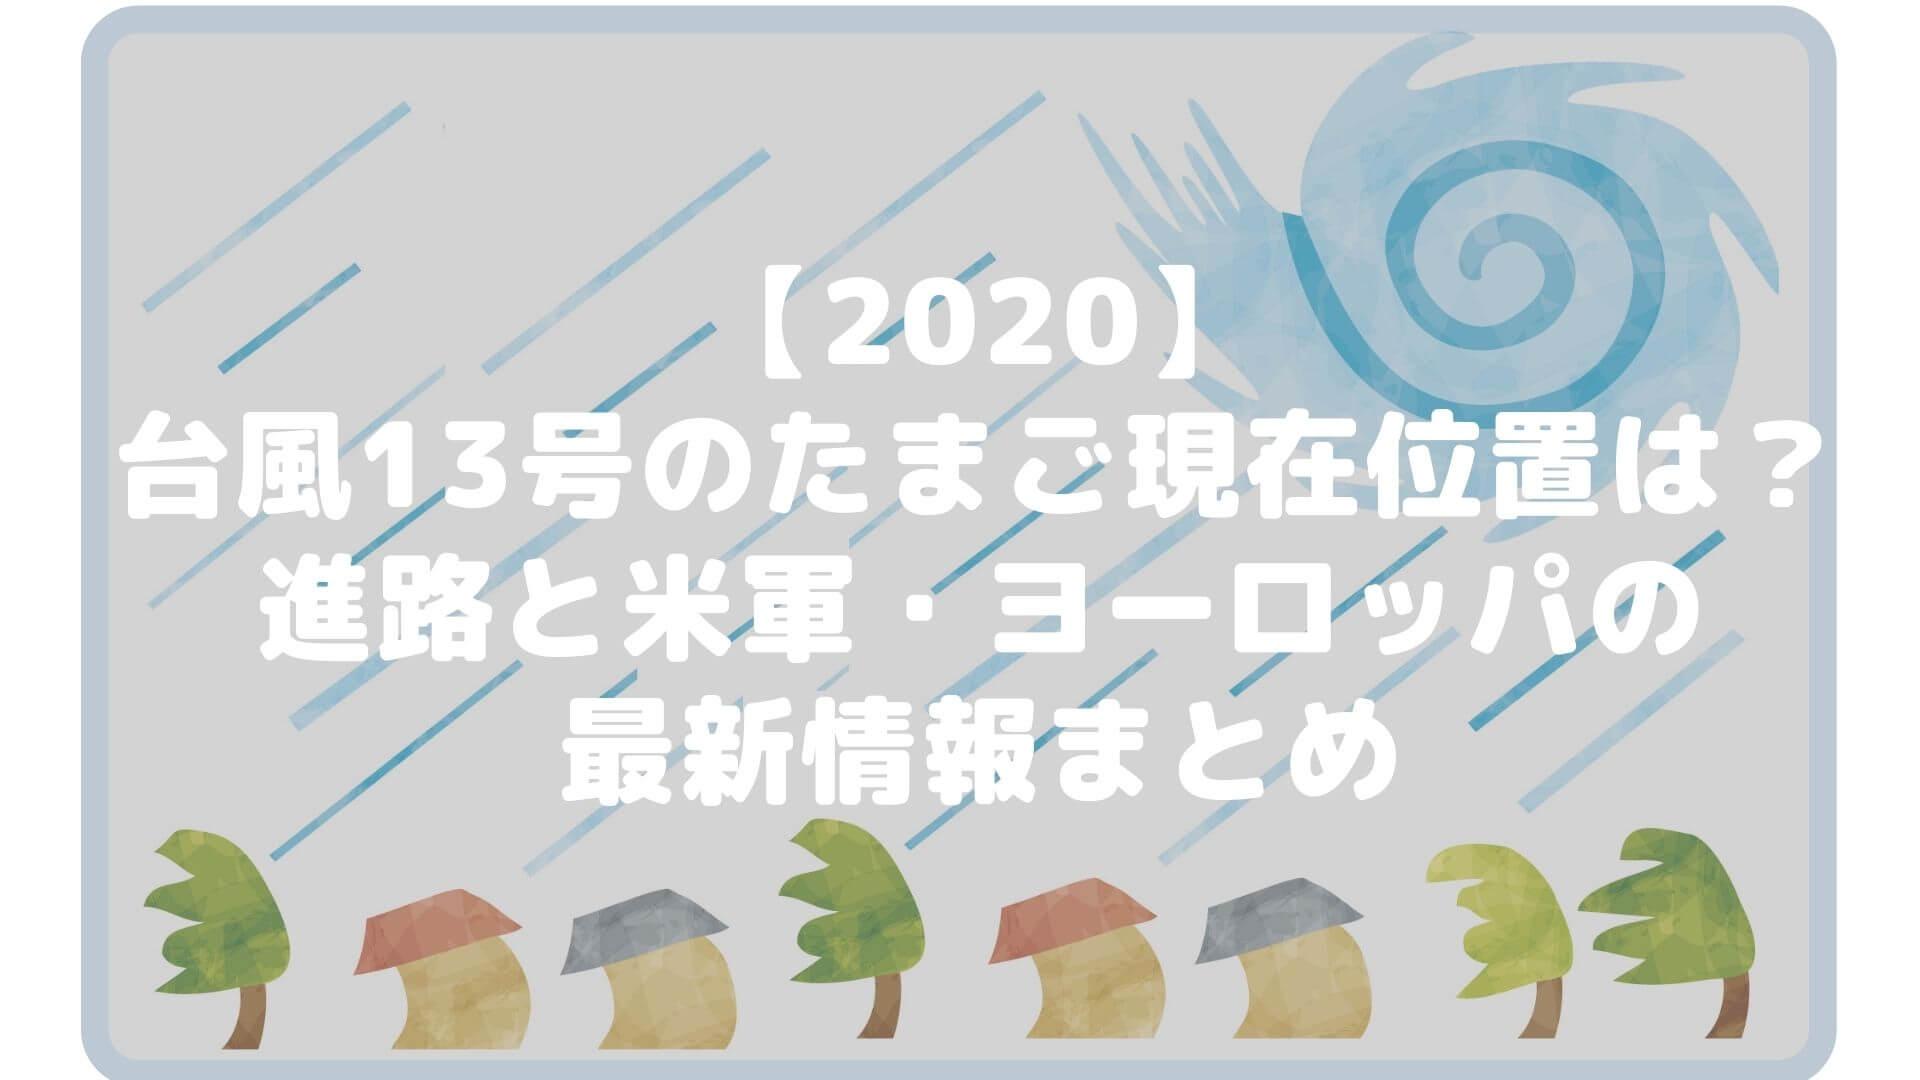 【2020】台風13号のたまごの現在位置は?進路と米軍・ヨーロッパの最新情報まとめタイトル画像